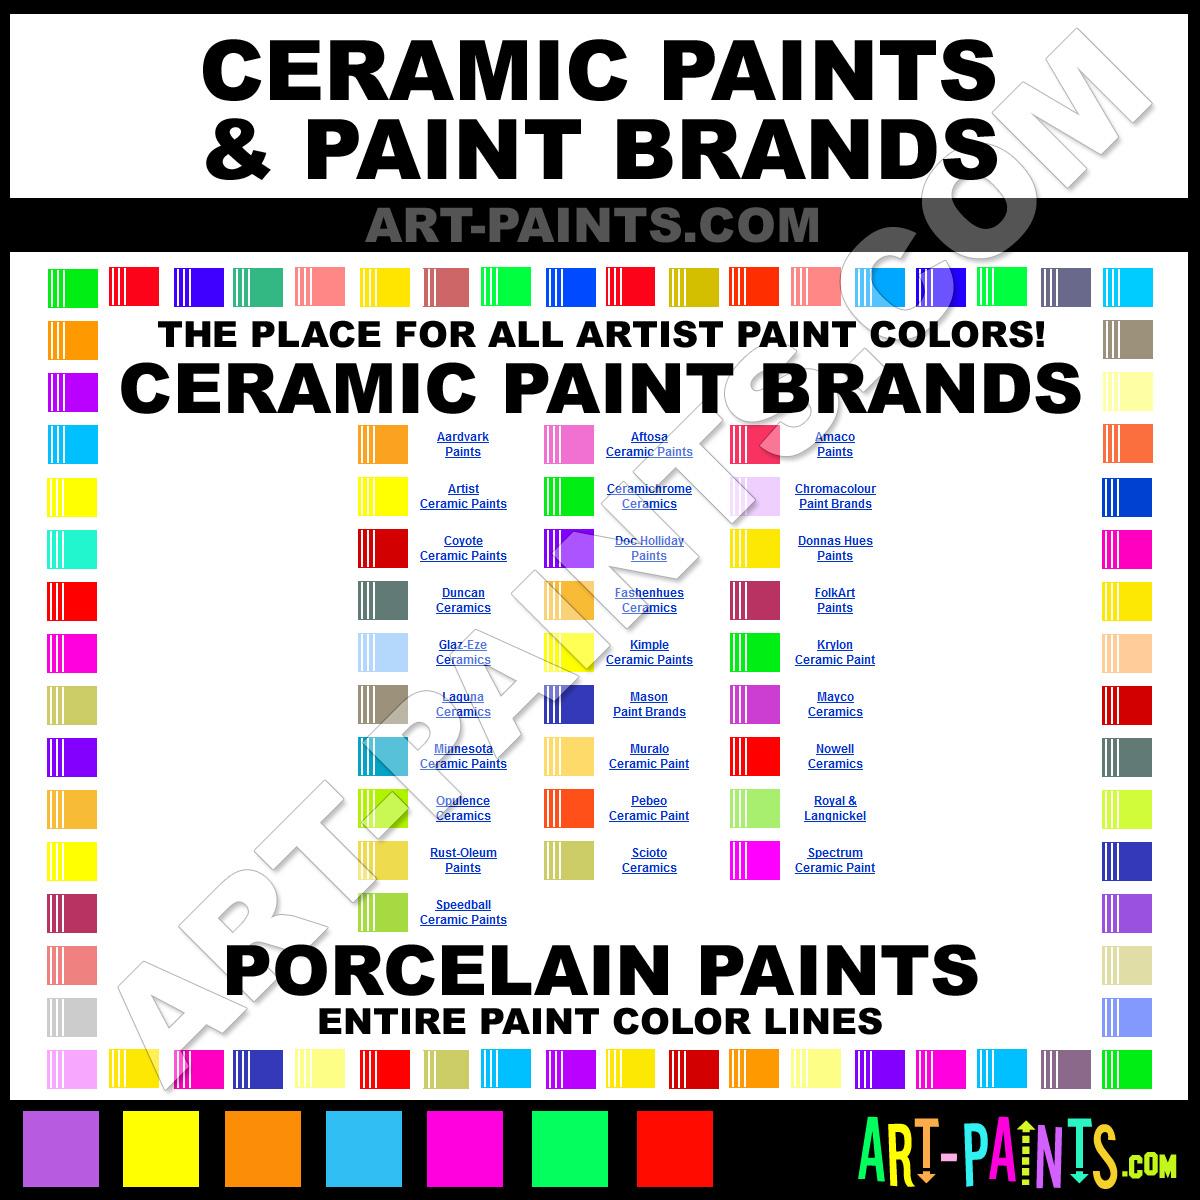 Ceramic Art Paints - Ceramics, Porcelain, Glazes, Stains, Bisque